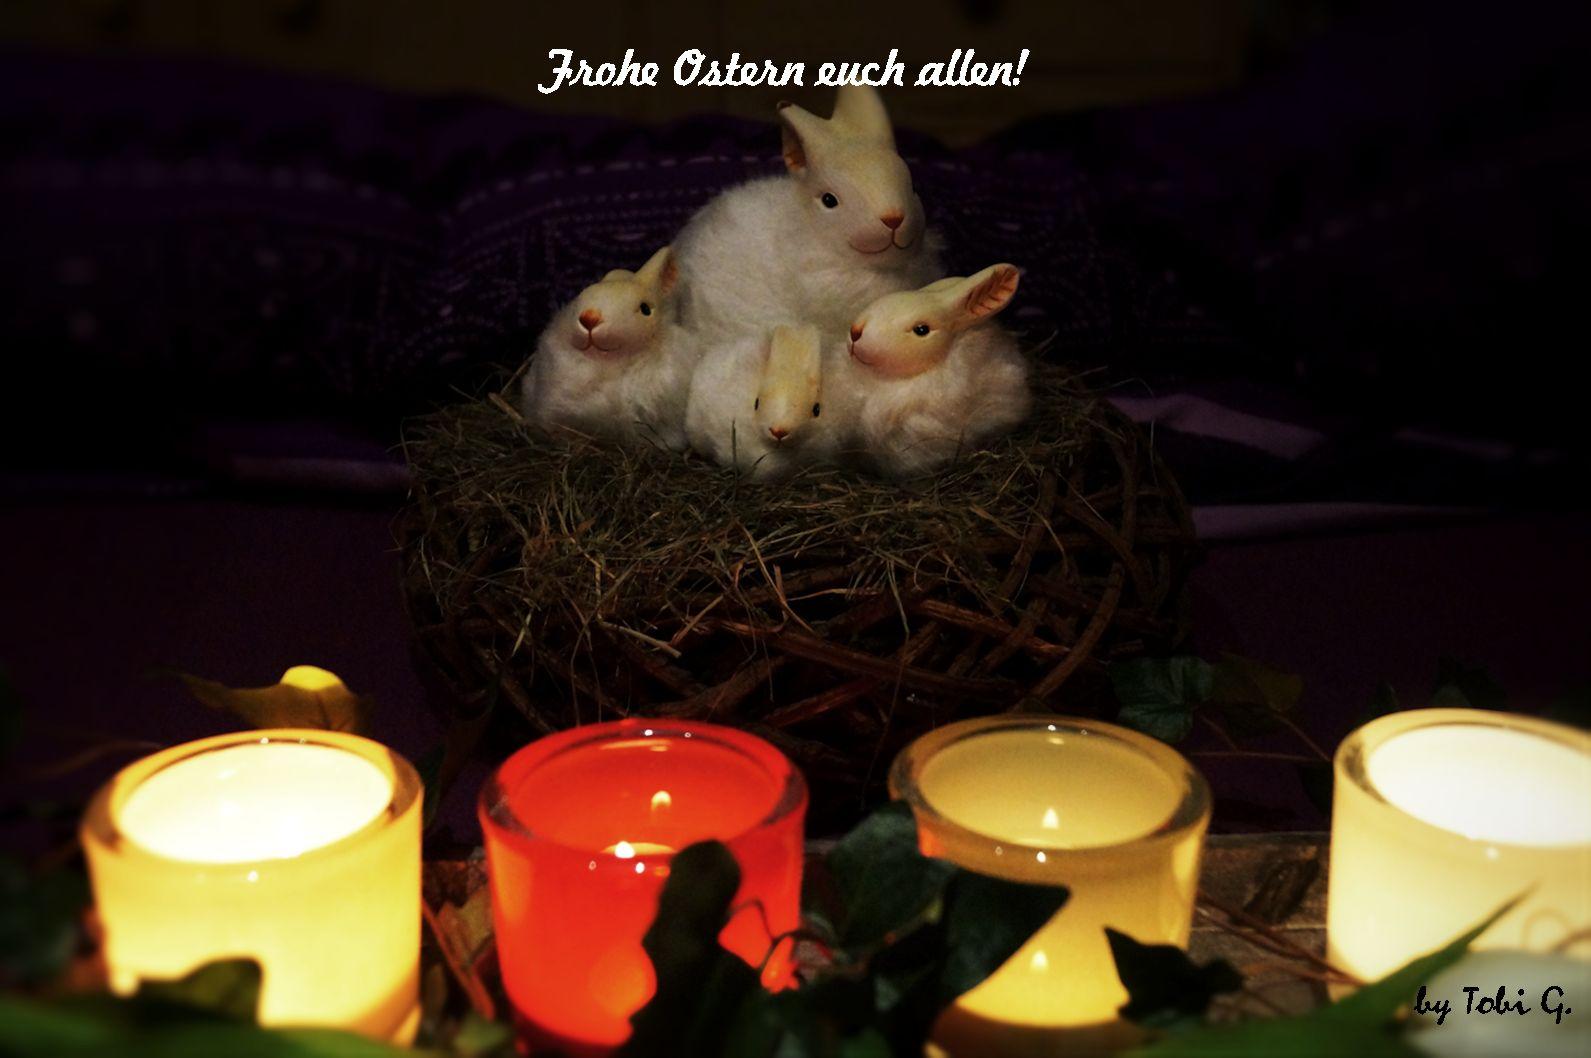 Weiße Ostern 2013!